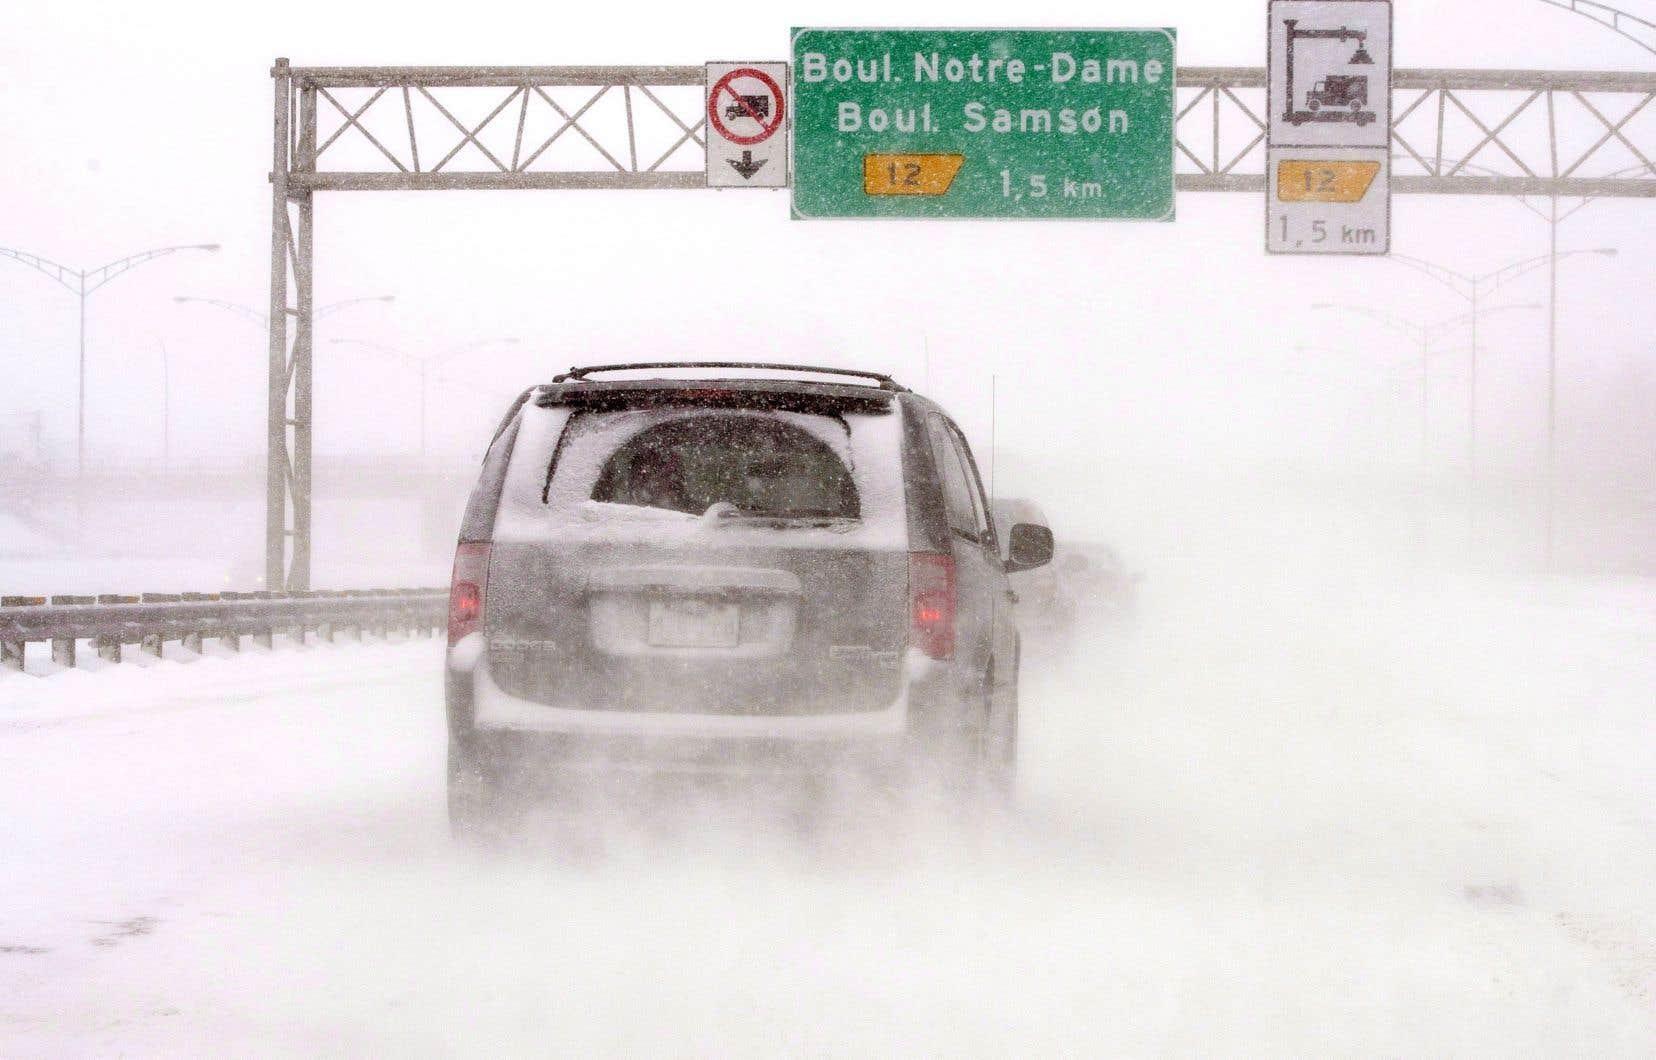 Plusieurs centaines d'automobilistes étaient restés coincés durant plusieurs heures sur l'autoroute 13 lors de la tempête de neige dans la nuit du 14 au 15 mars 2017.